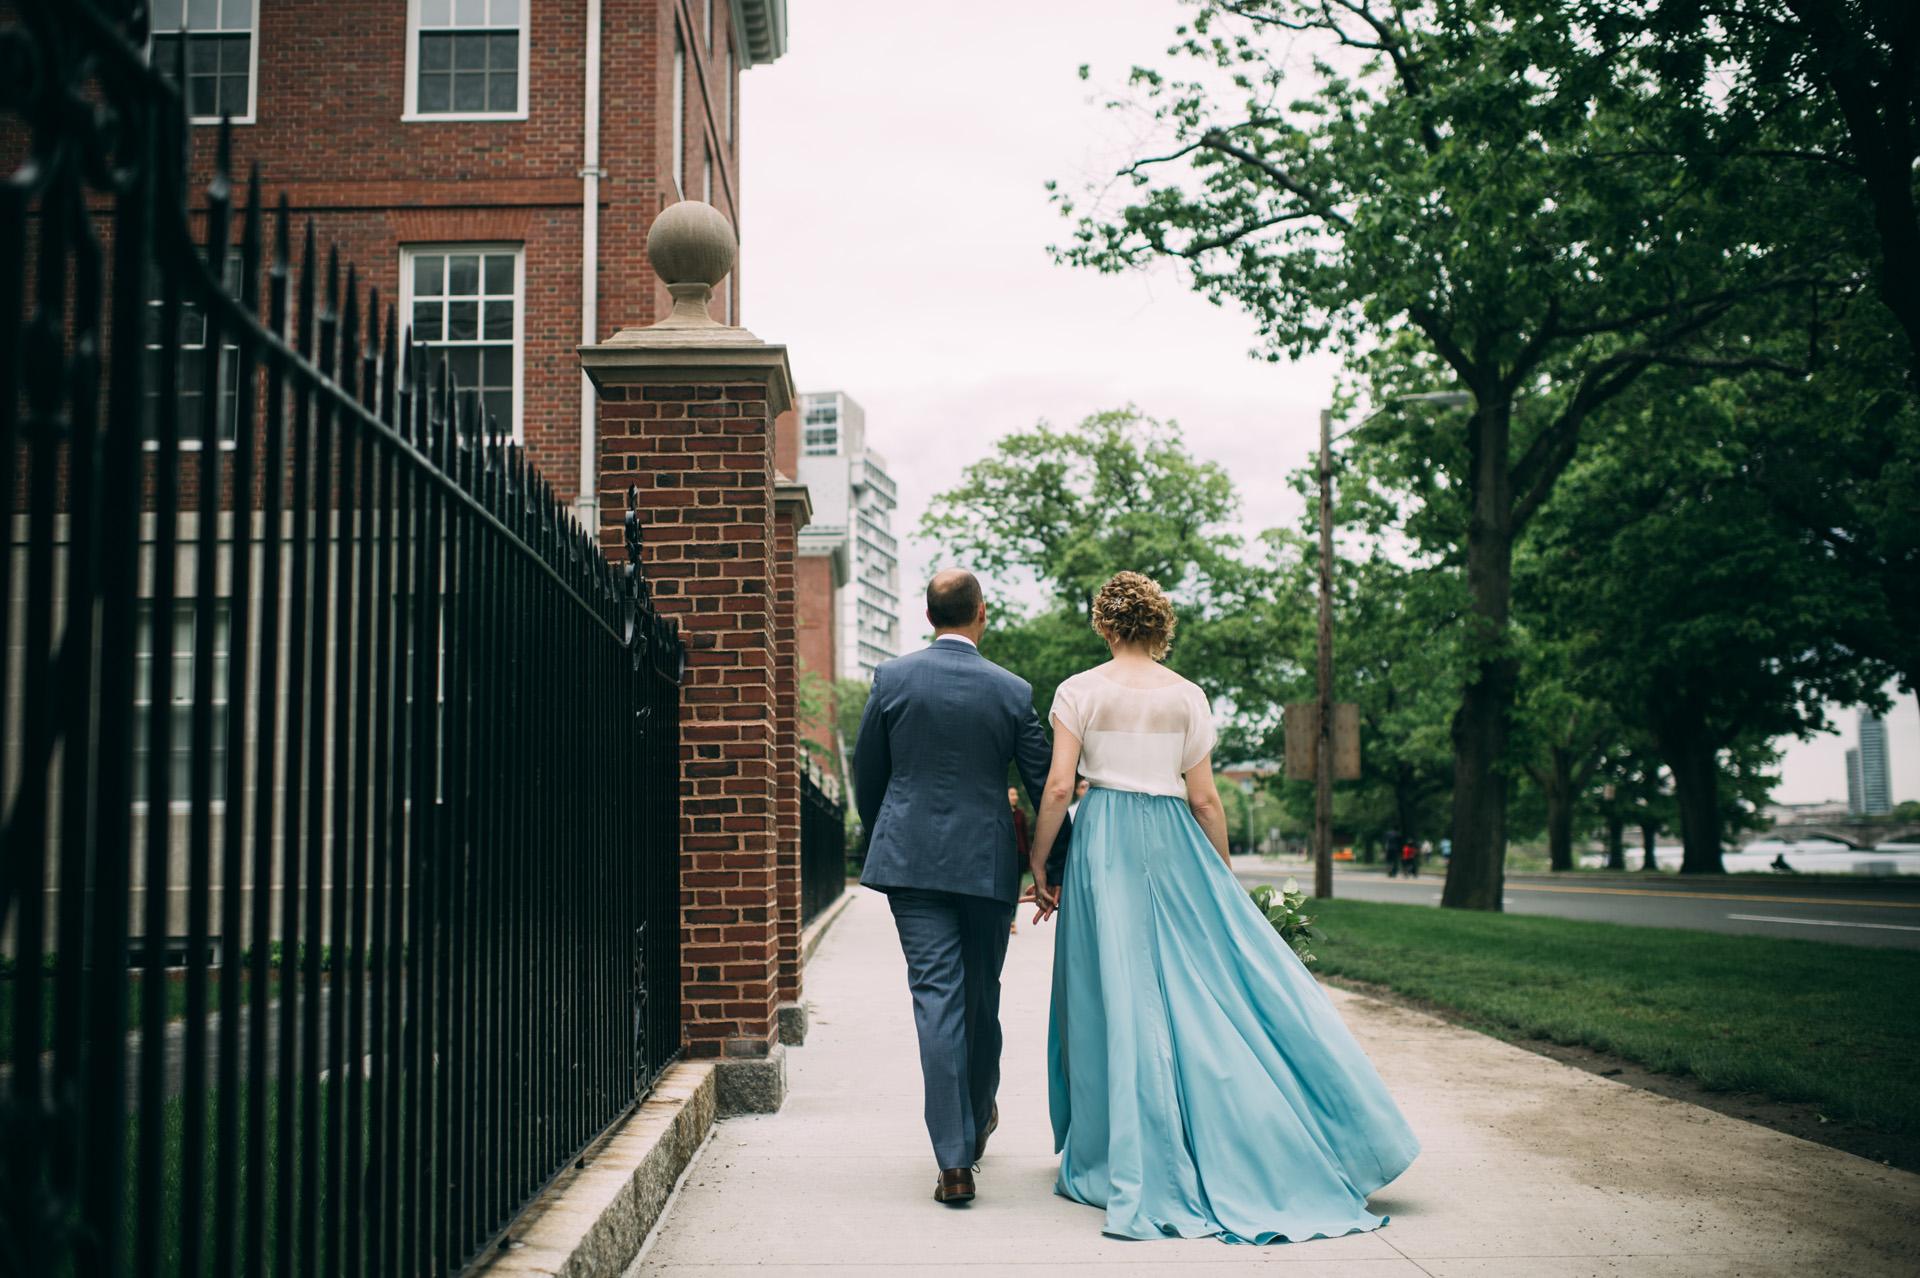 alden-harlow-wedding-photographer-23